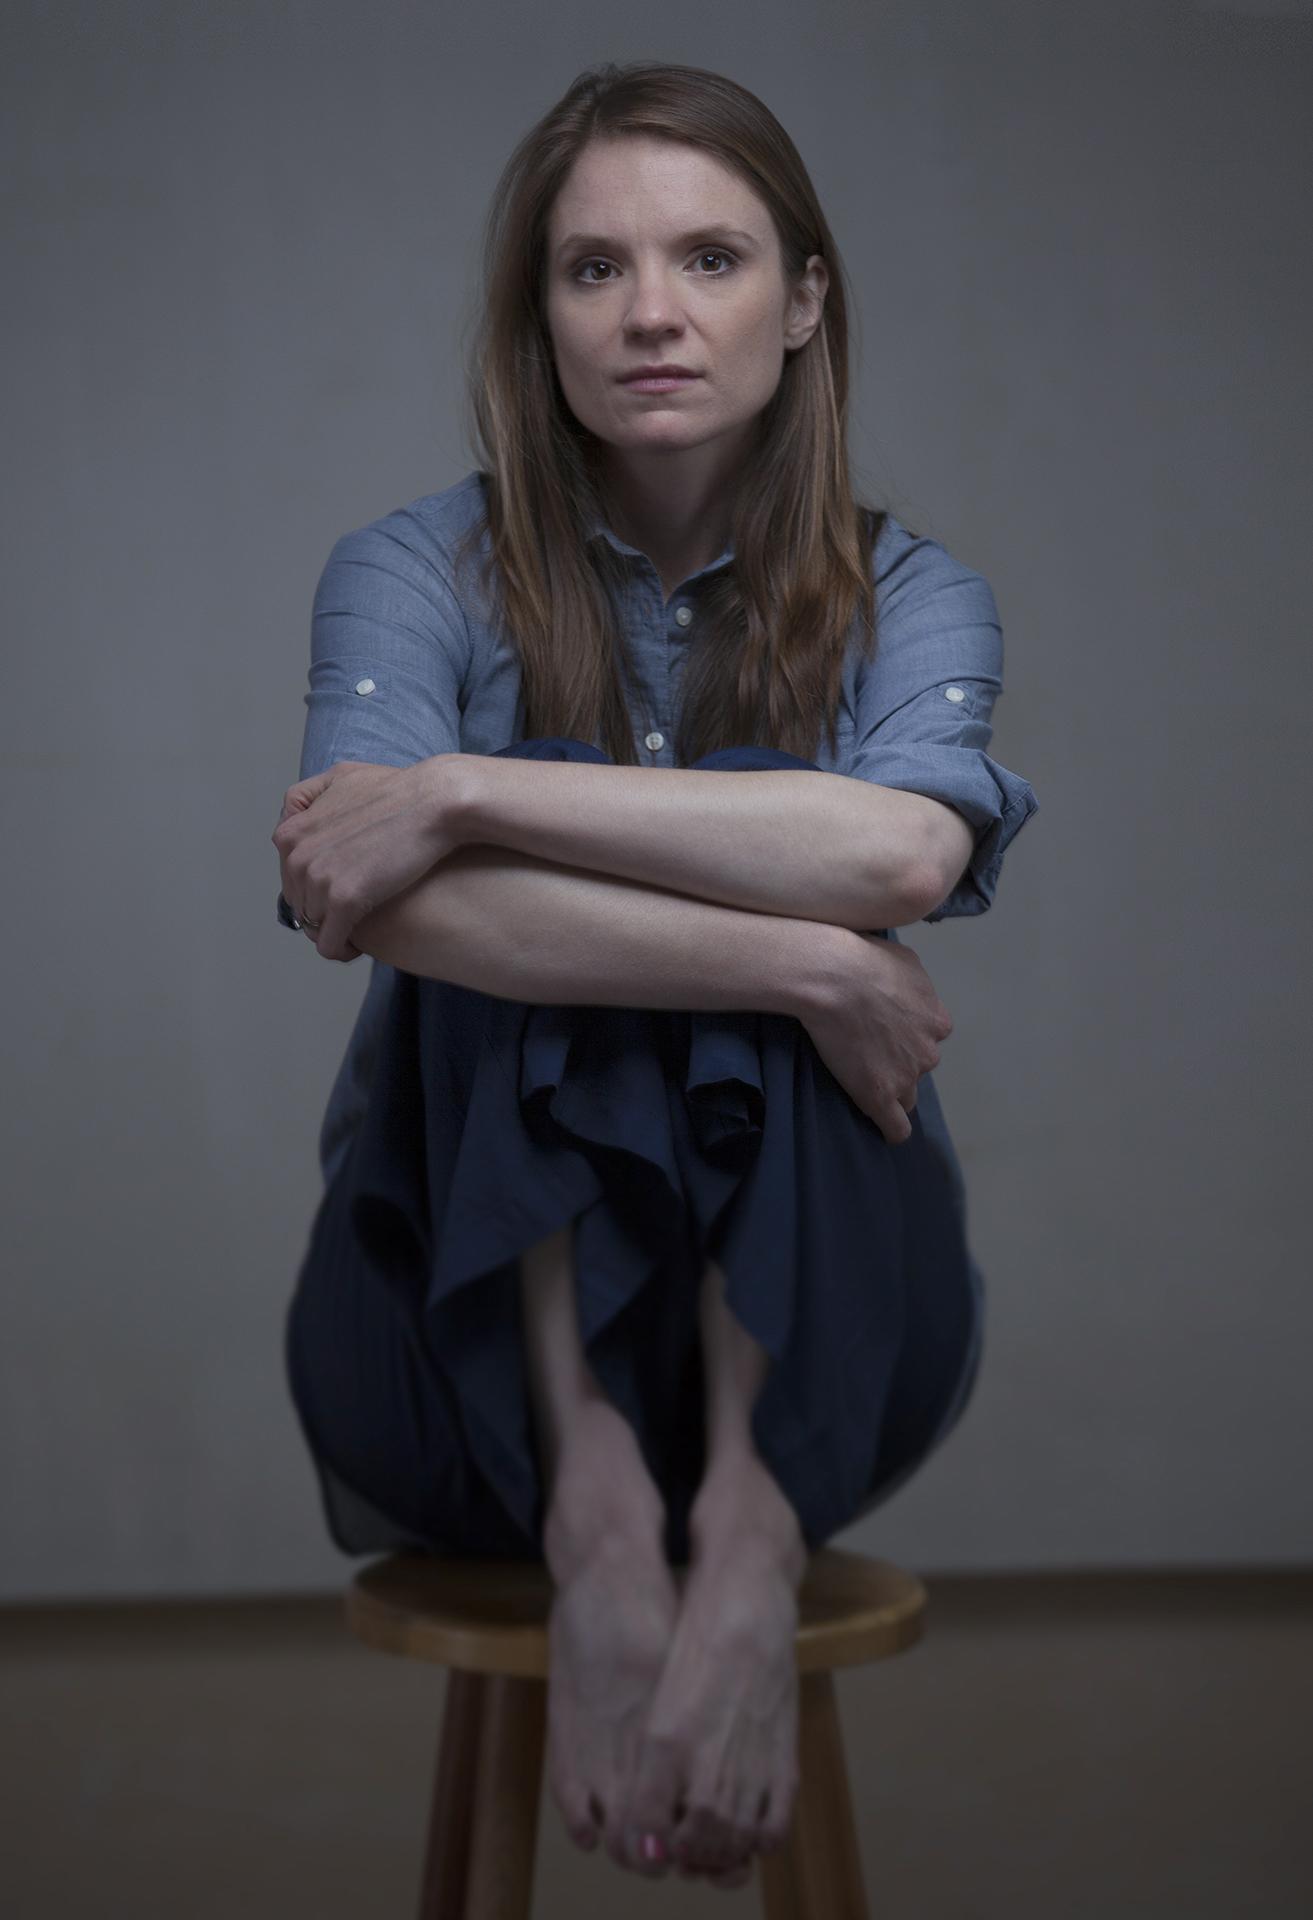 Author Meghan Flaherty